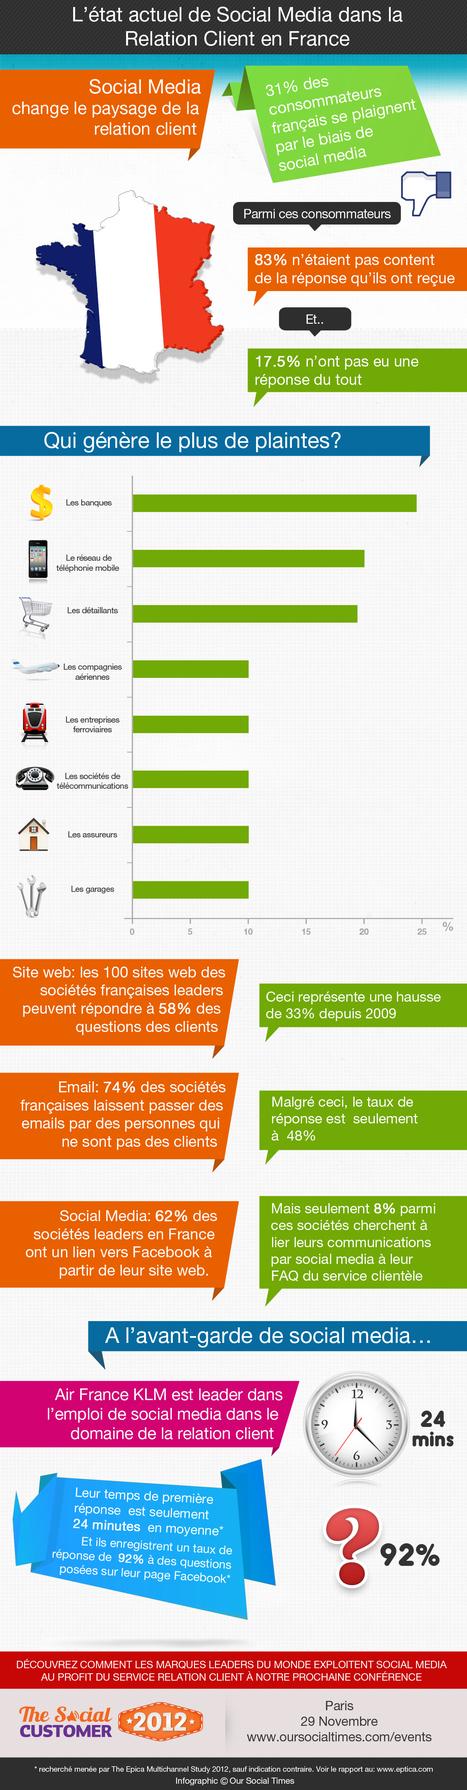 Etat de la relation client en France à l'ère du social | WIliB #CRM #Customer experience / journey | Scoop.it